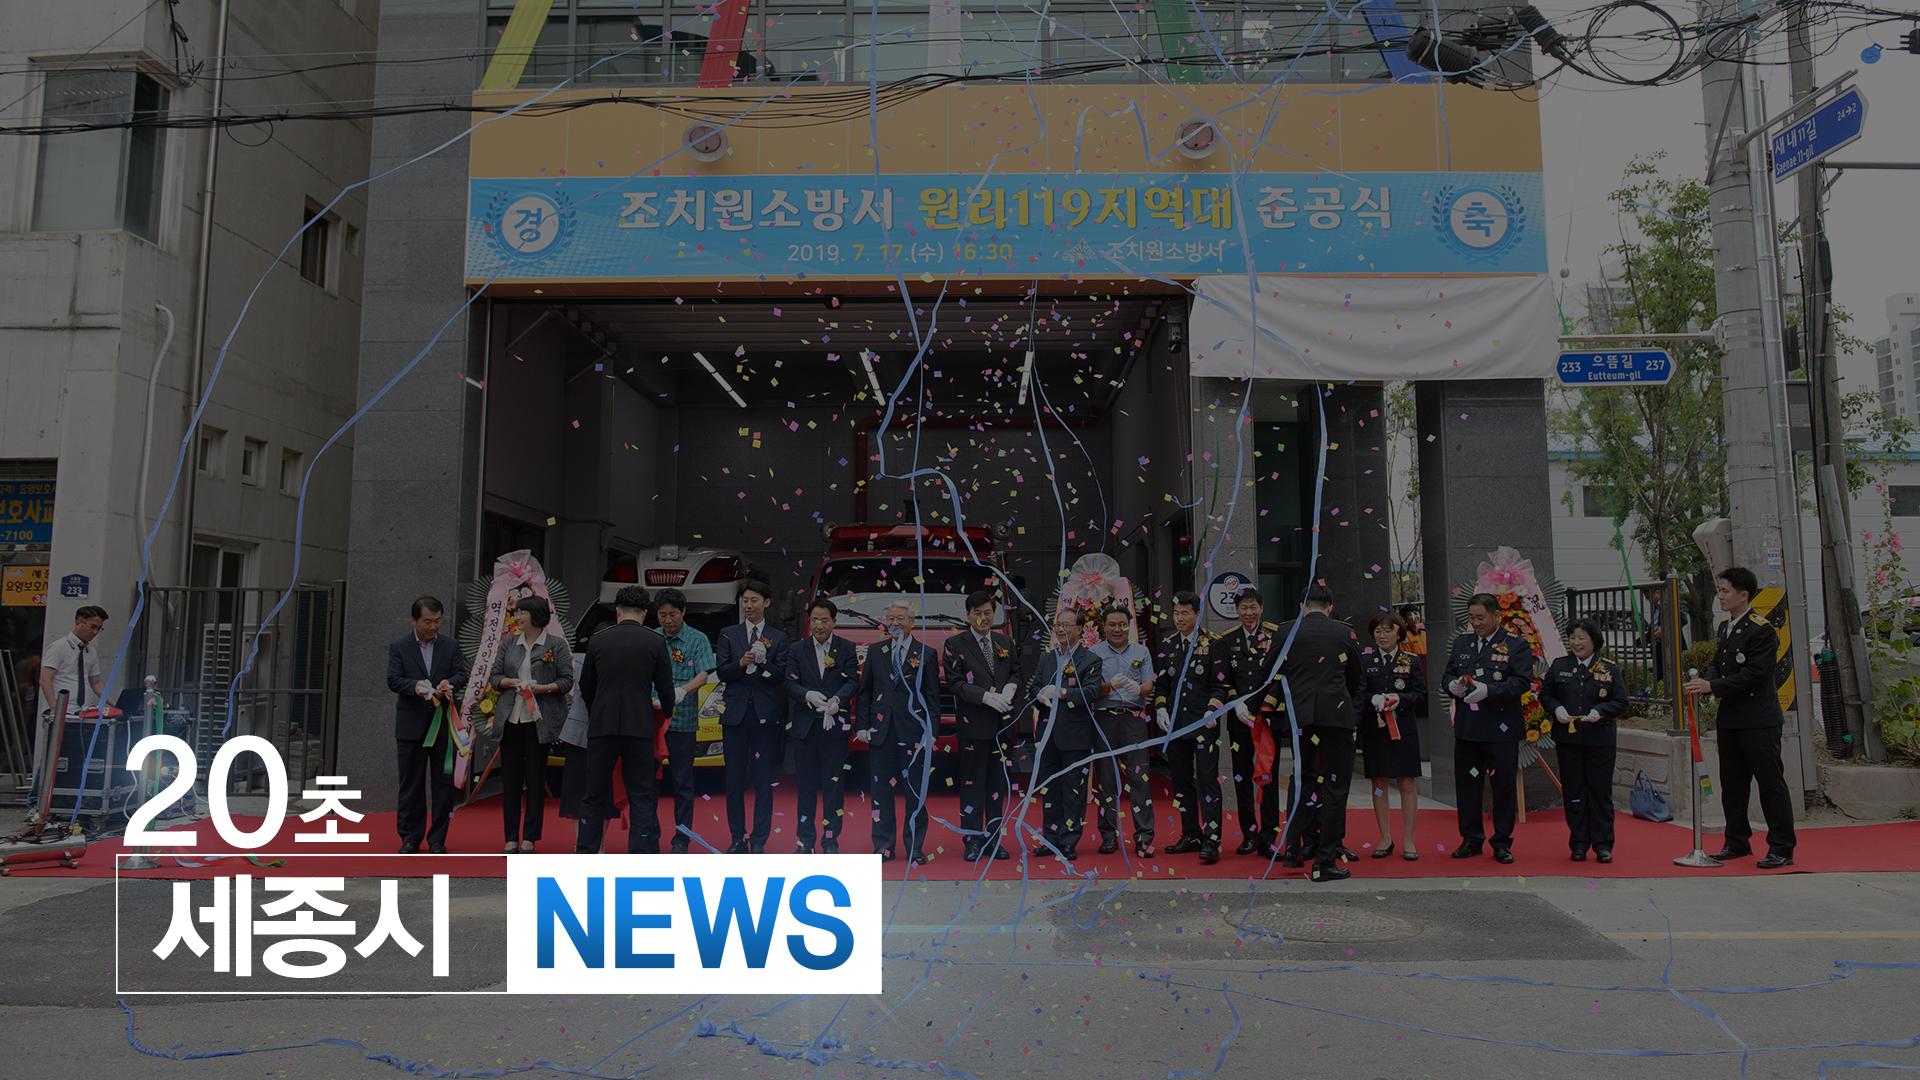 <20초뉴스> 조치원 도심 안전지킴이'원리119지역대 가동